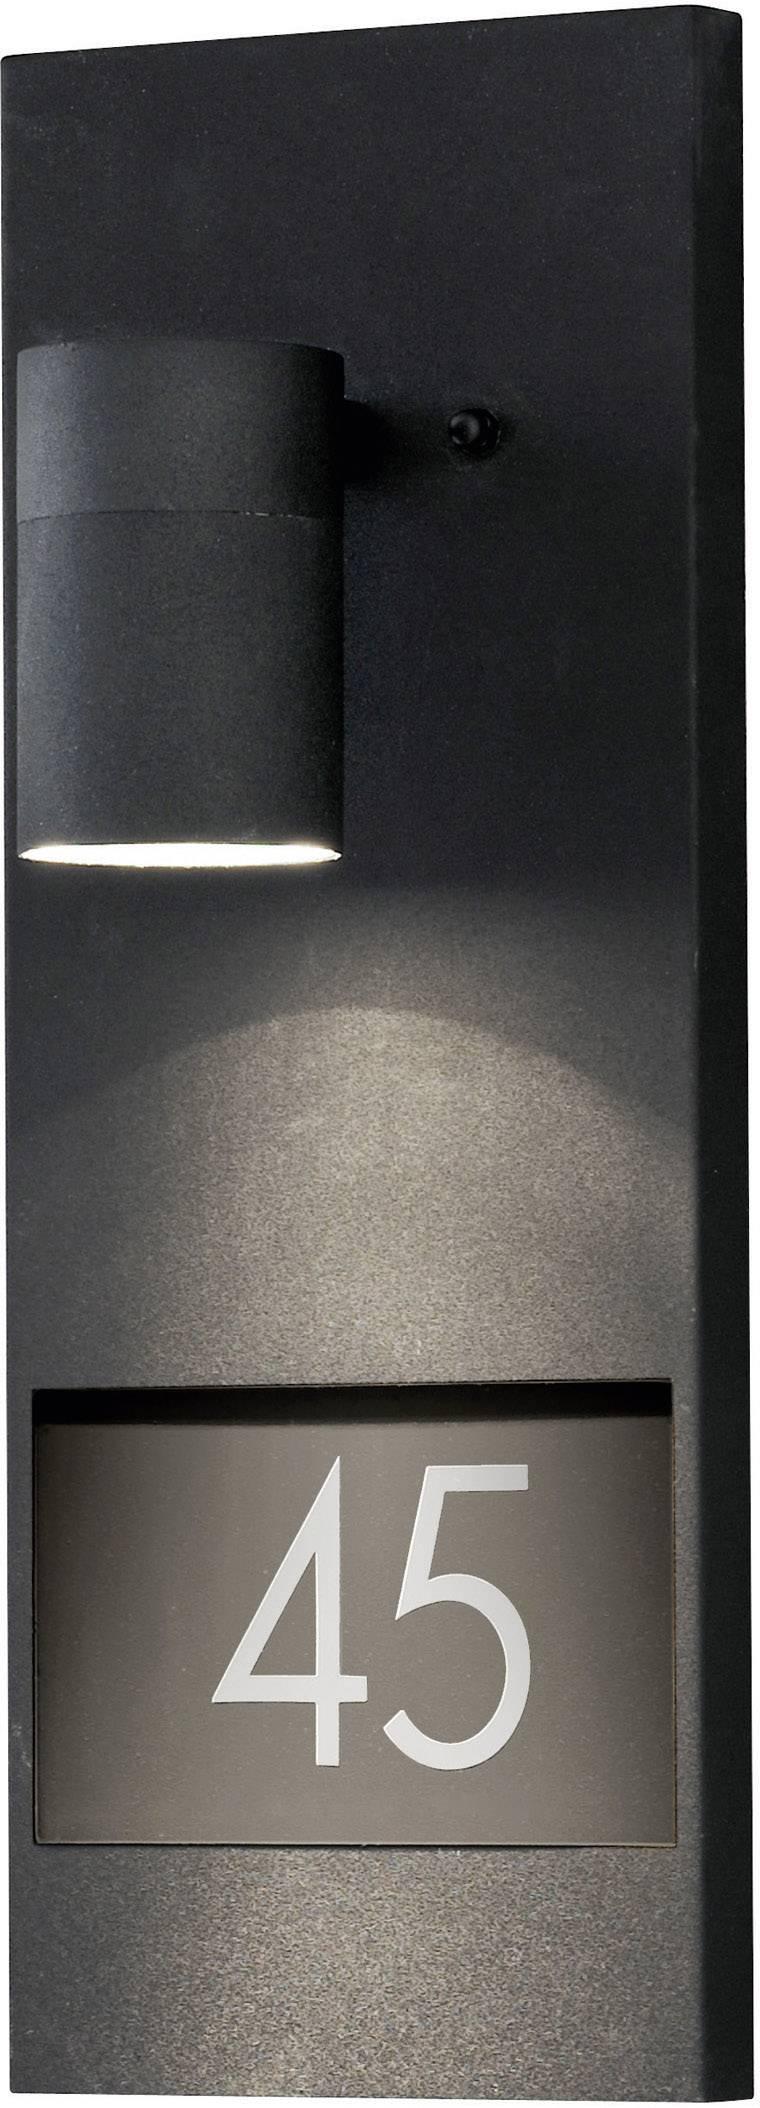 Osvetlenie čísla domu halogénová žiarovka GU10 35 W Konstsmide Modena 7655-750 čierna